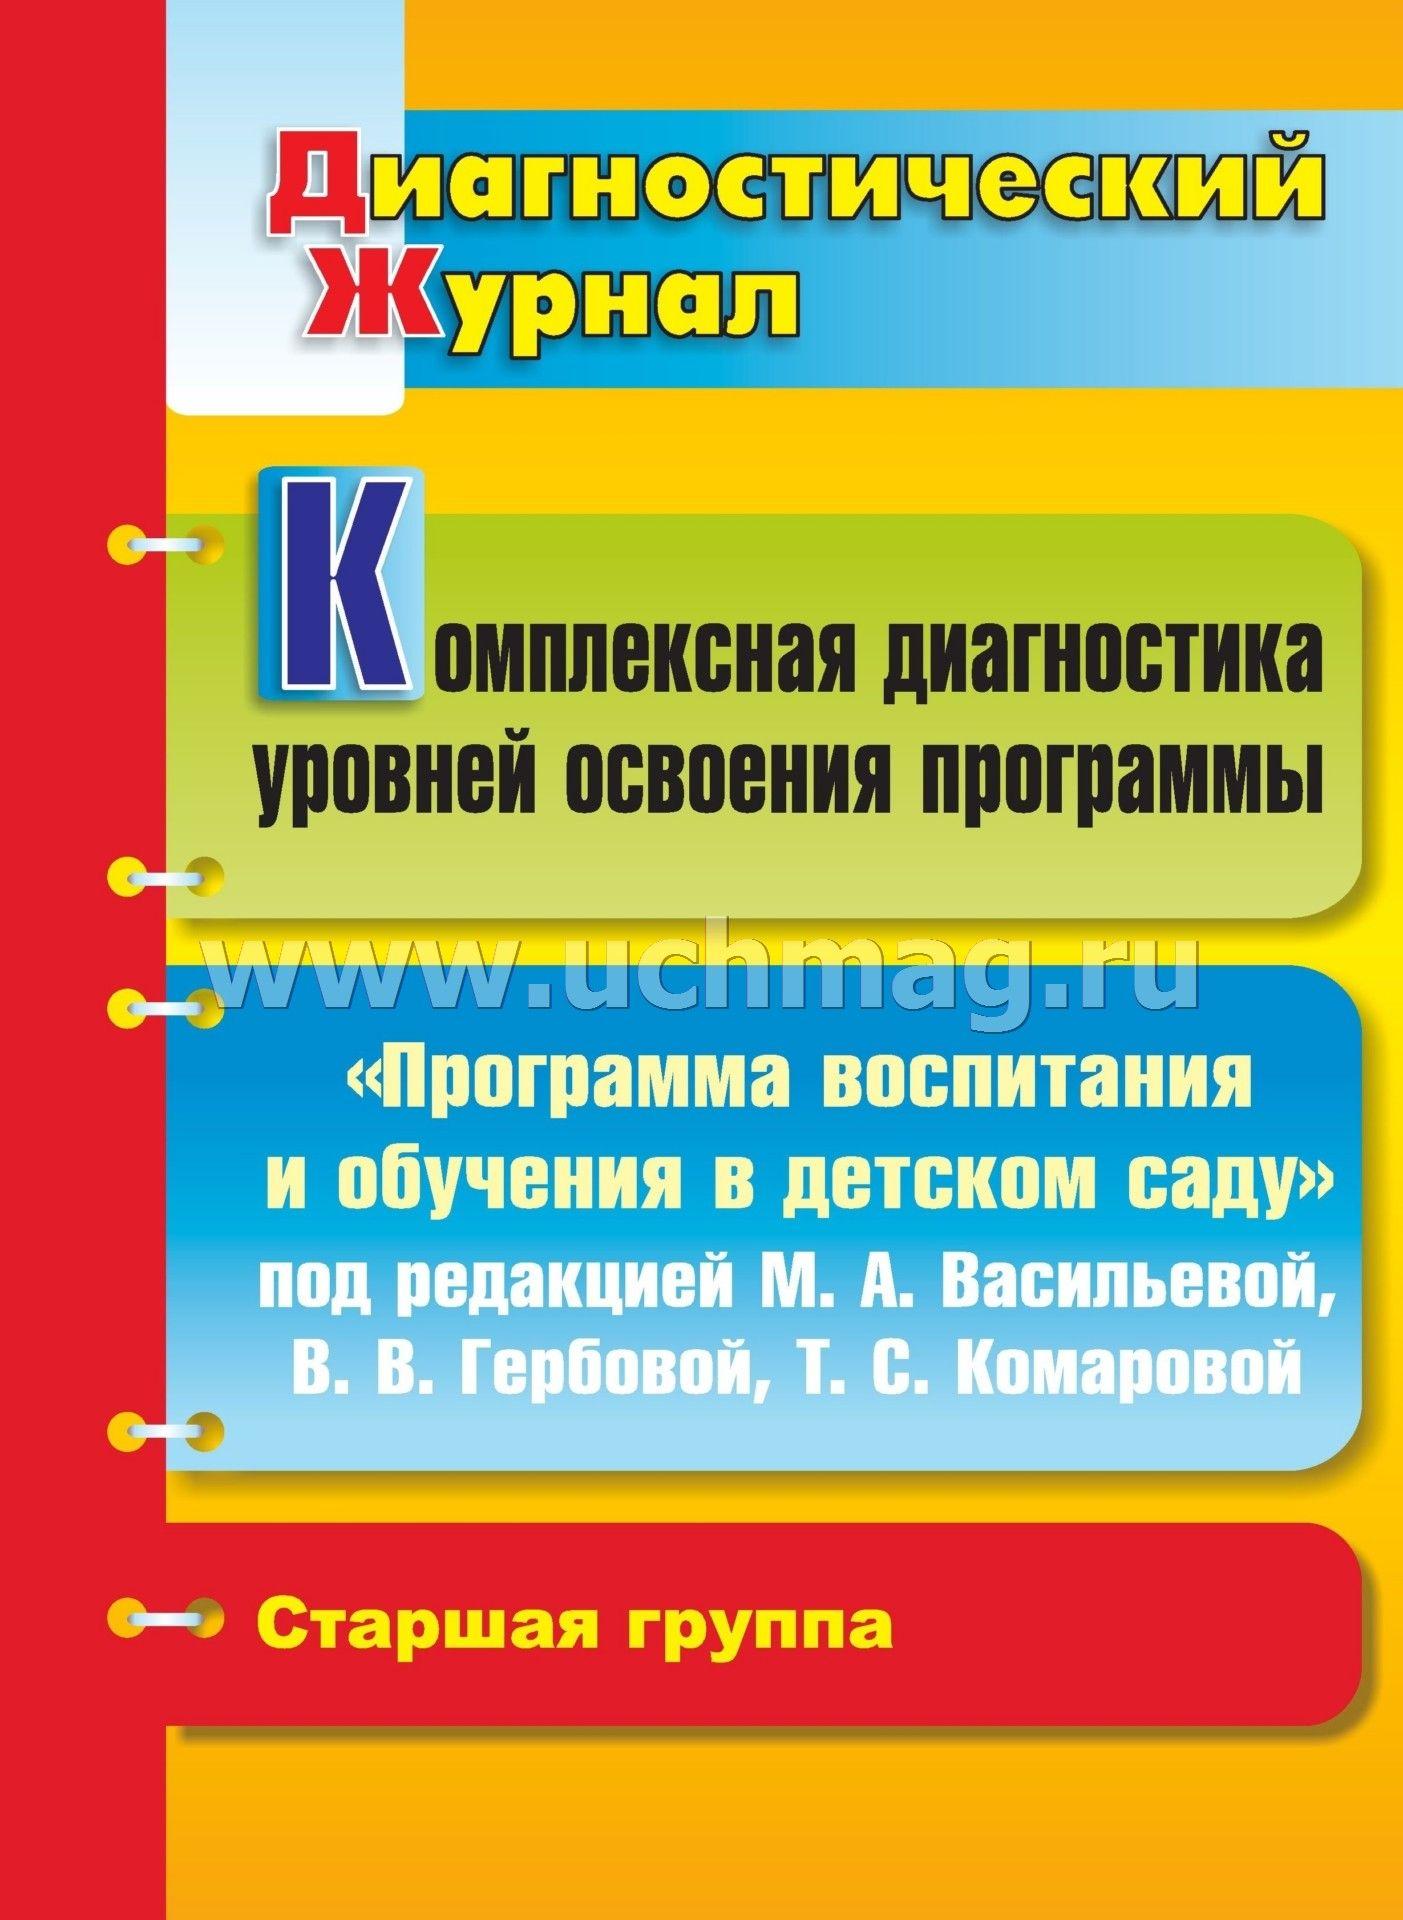 Программа воспитания и обучения в детском саду васильева гербова